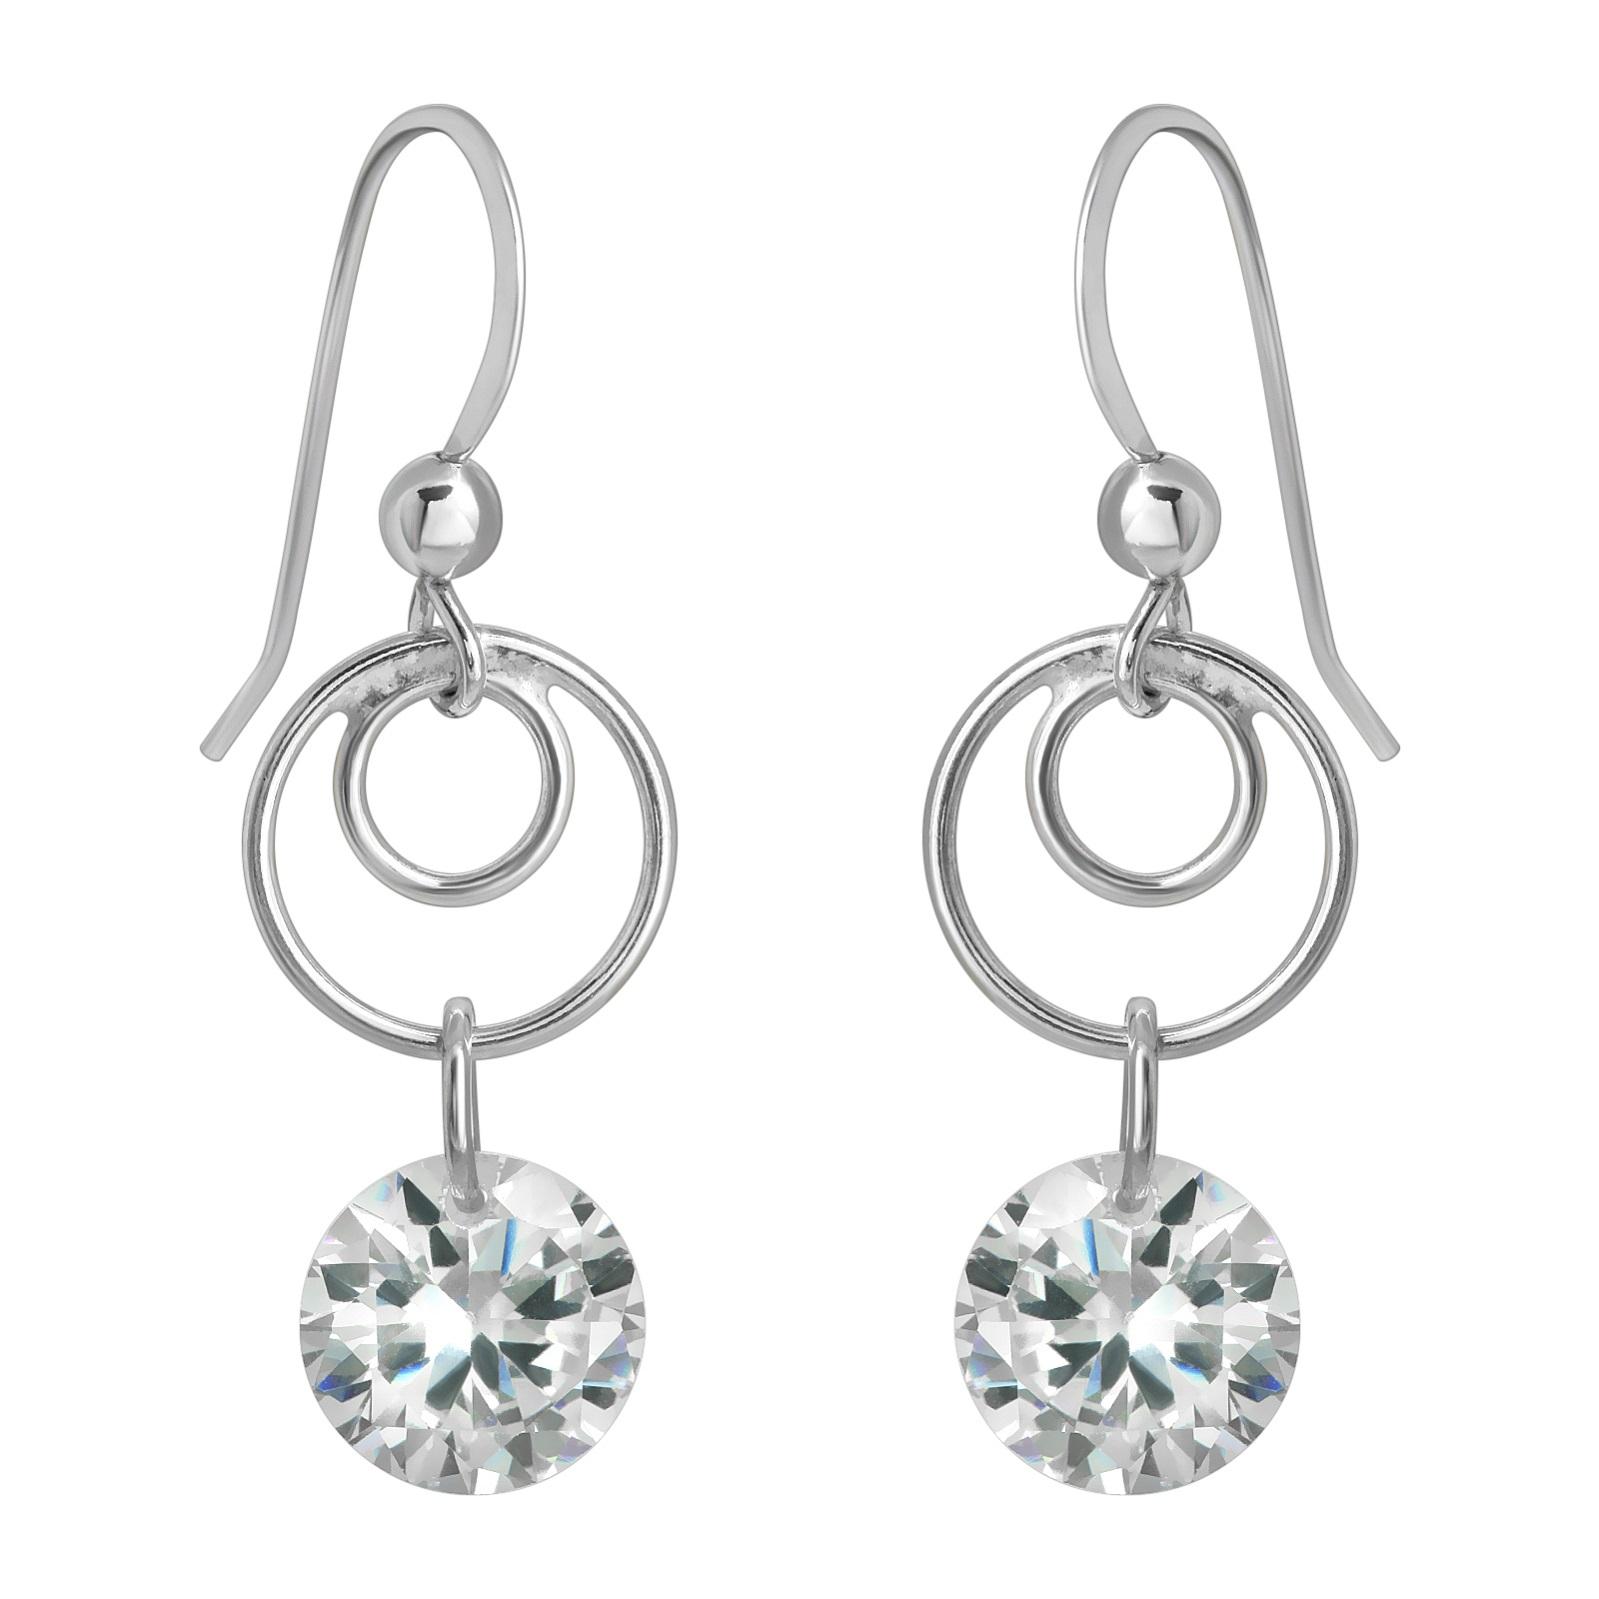 Swirly Earrings - Rd CZ Clear